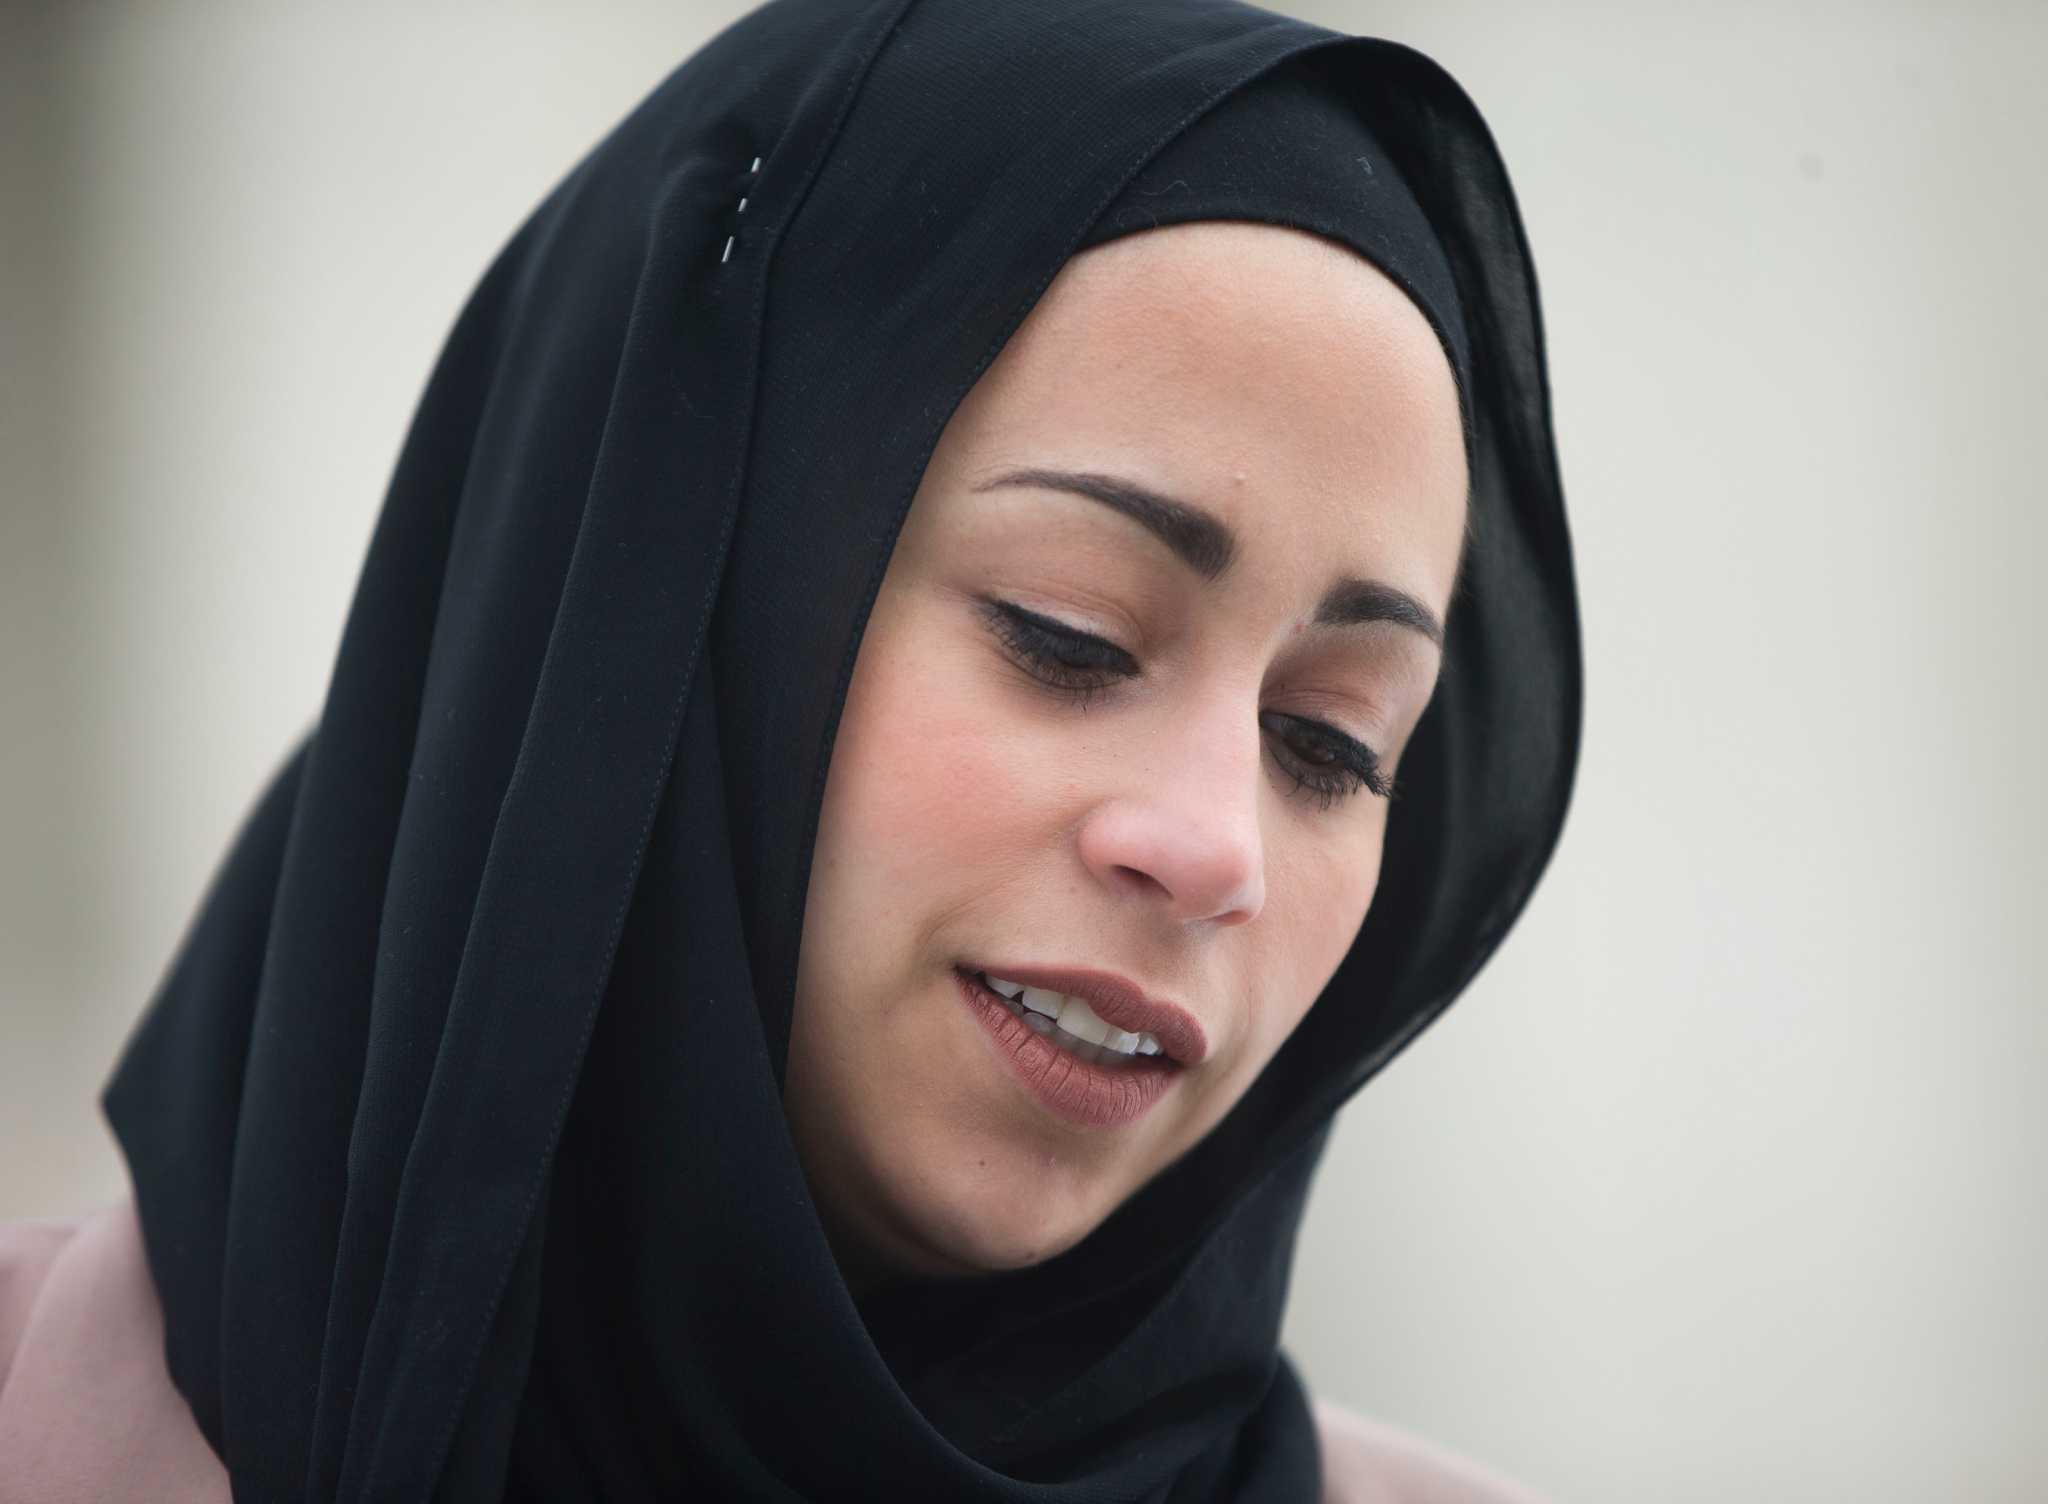 Порно в хиджабе онлайн